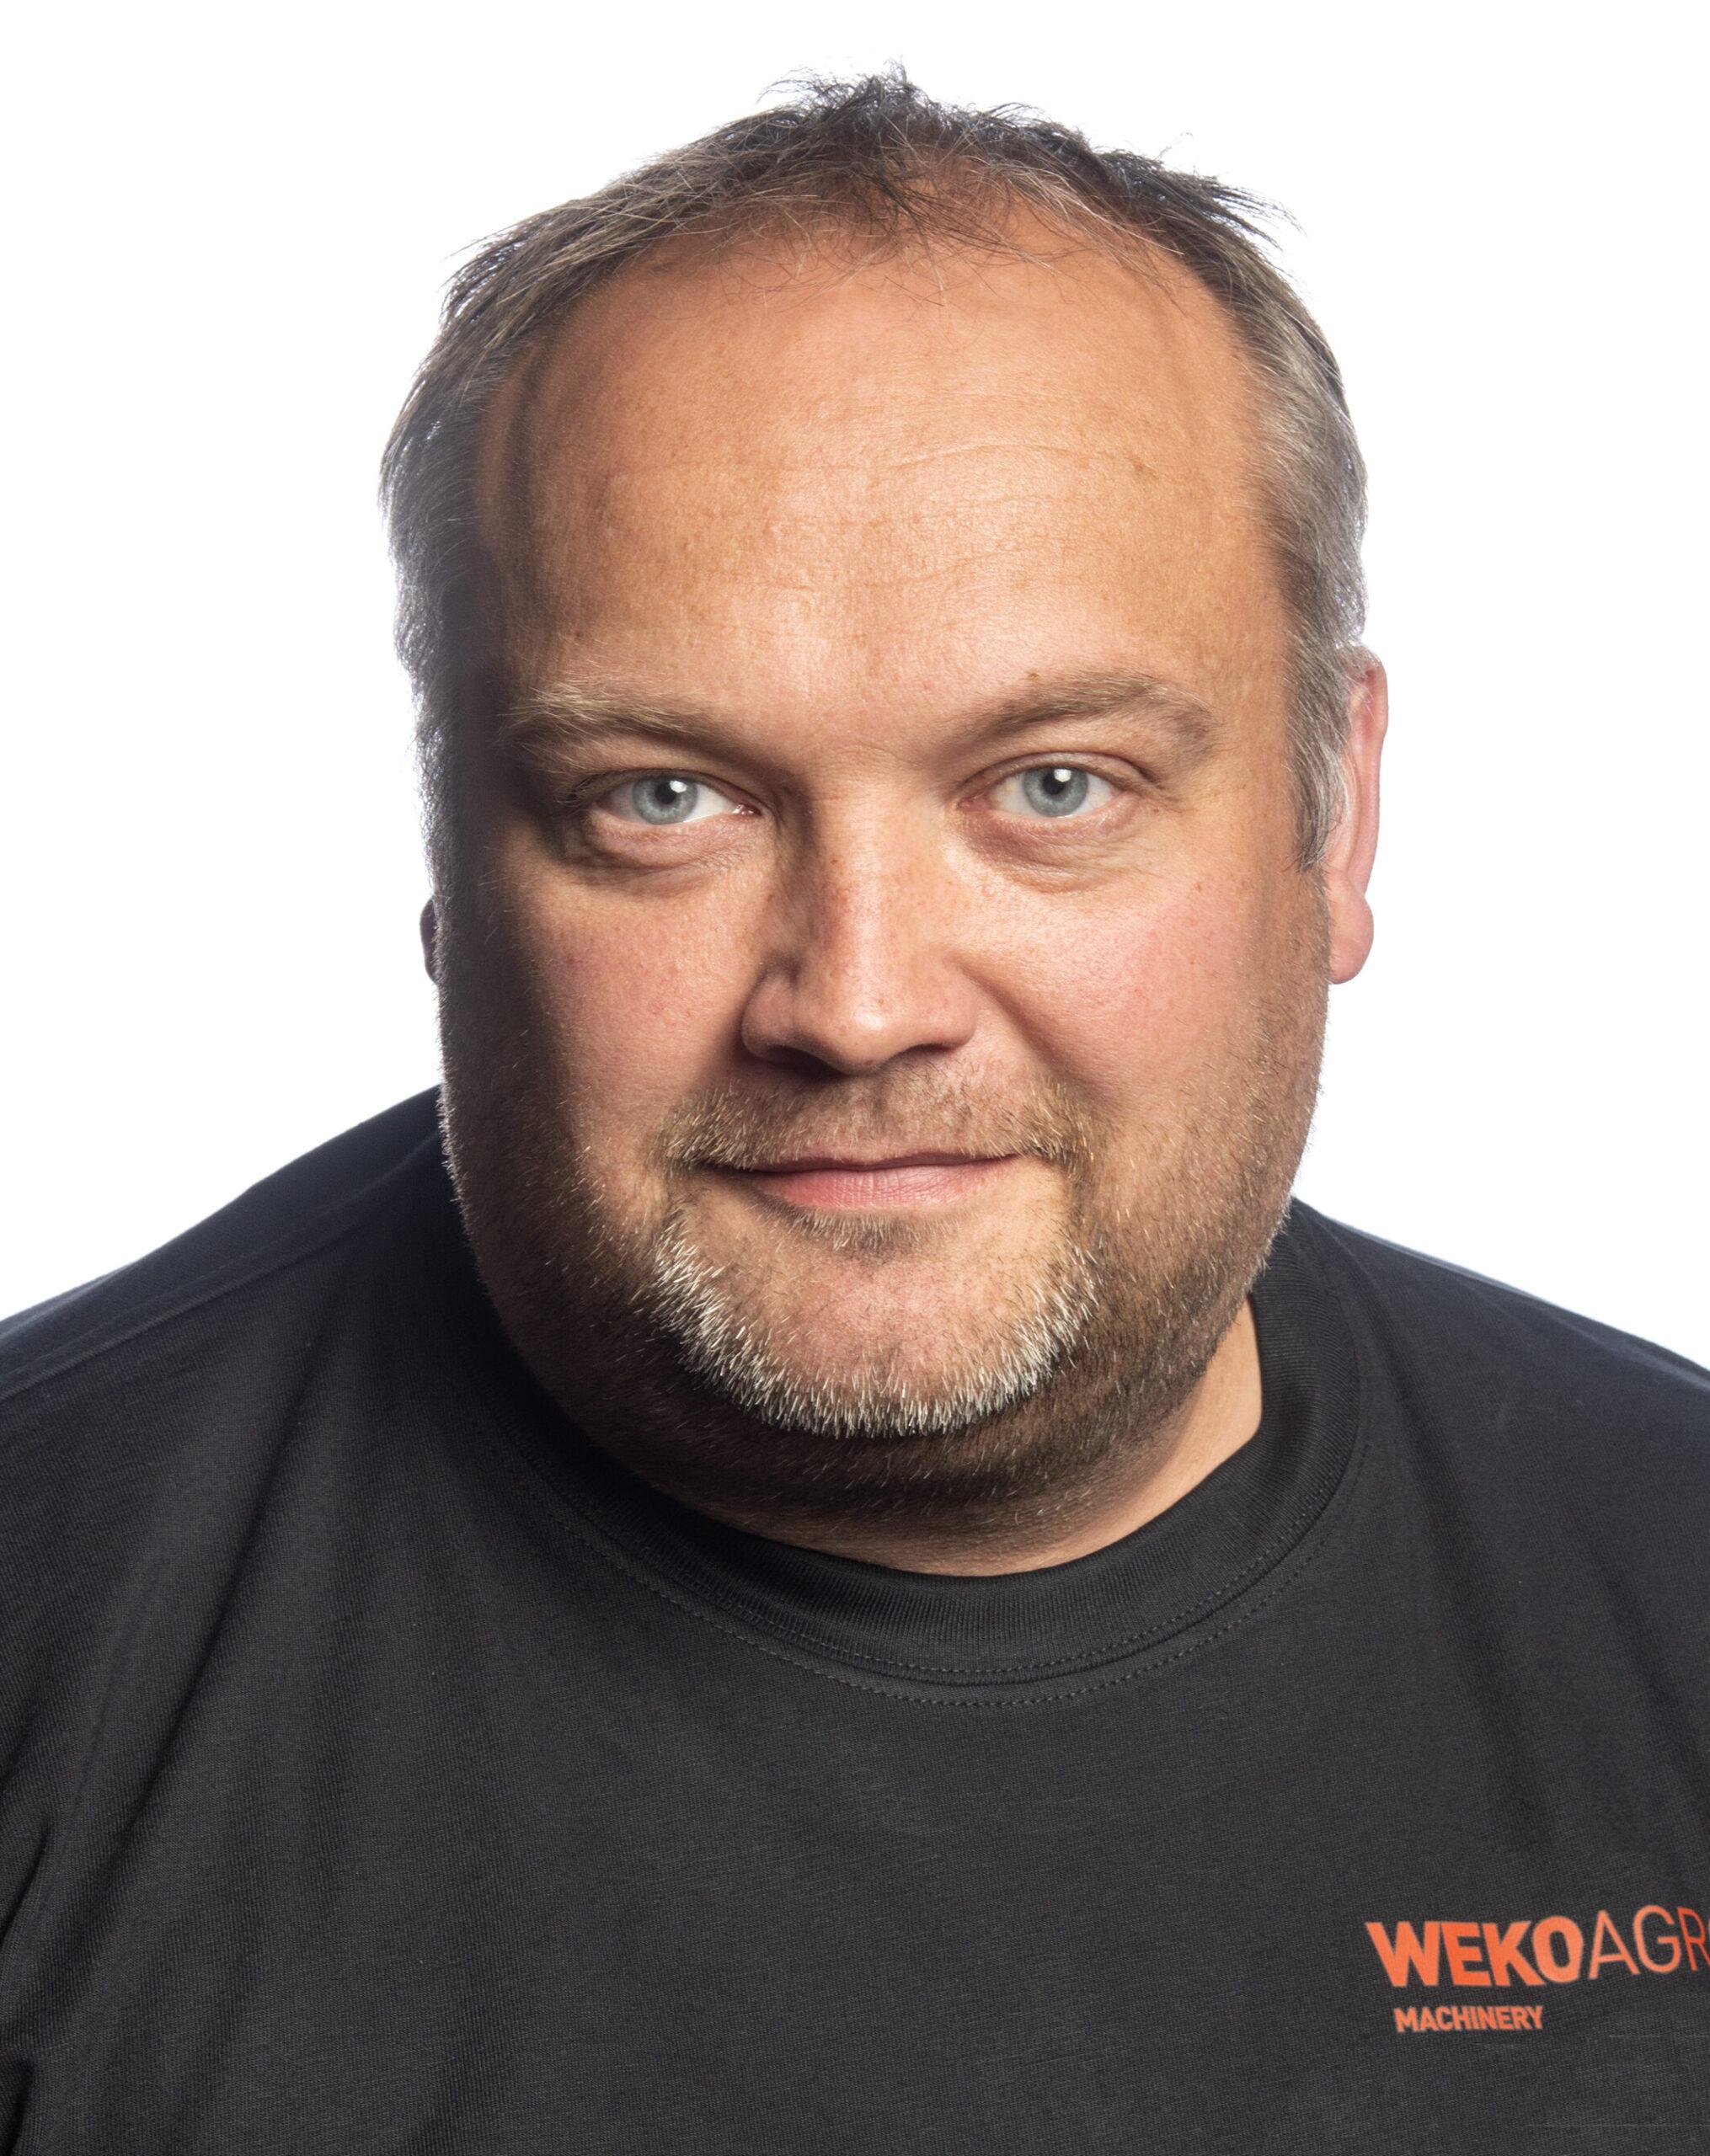 Troels Svalgaard